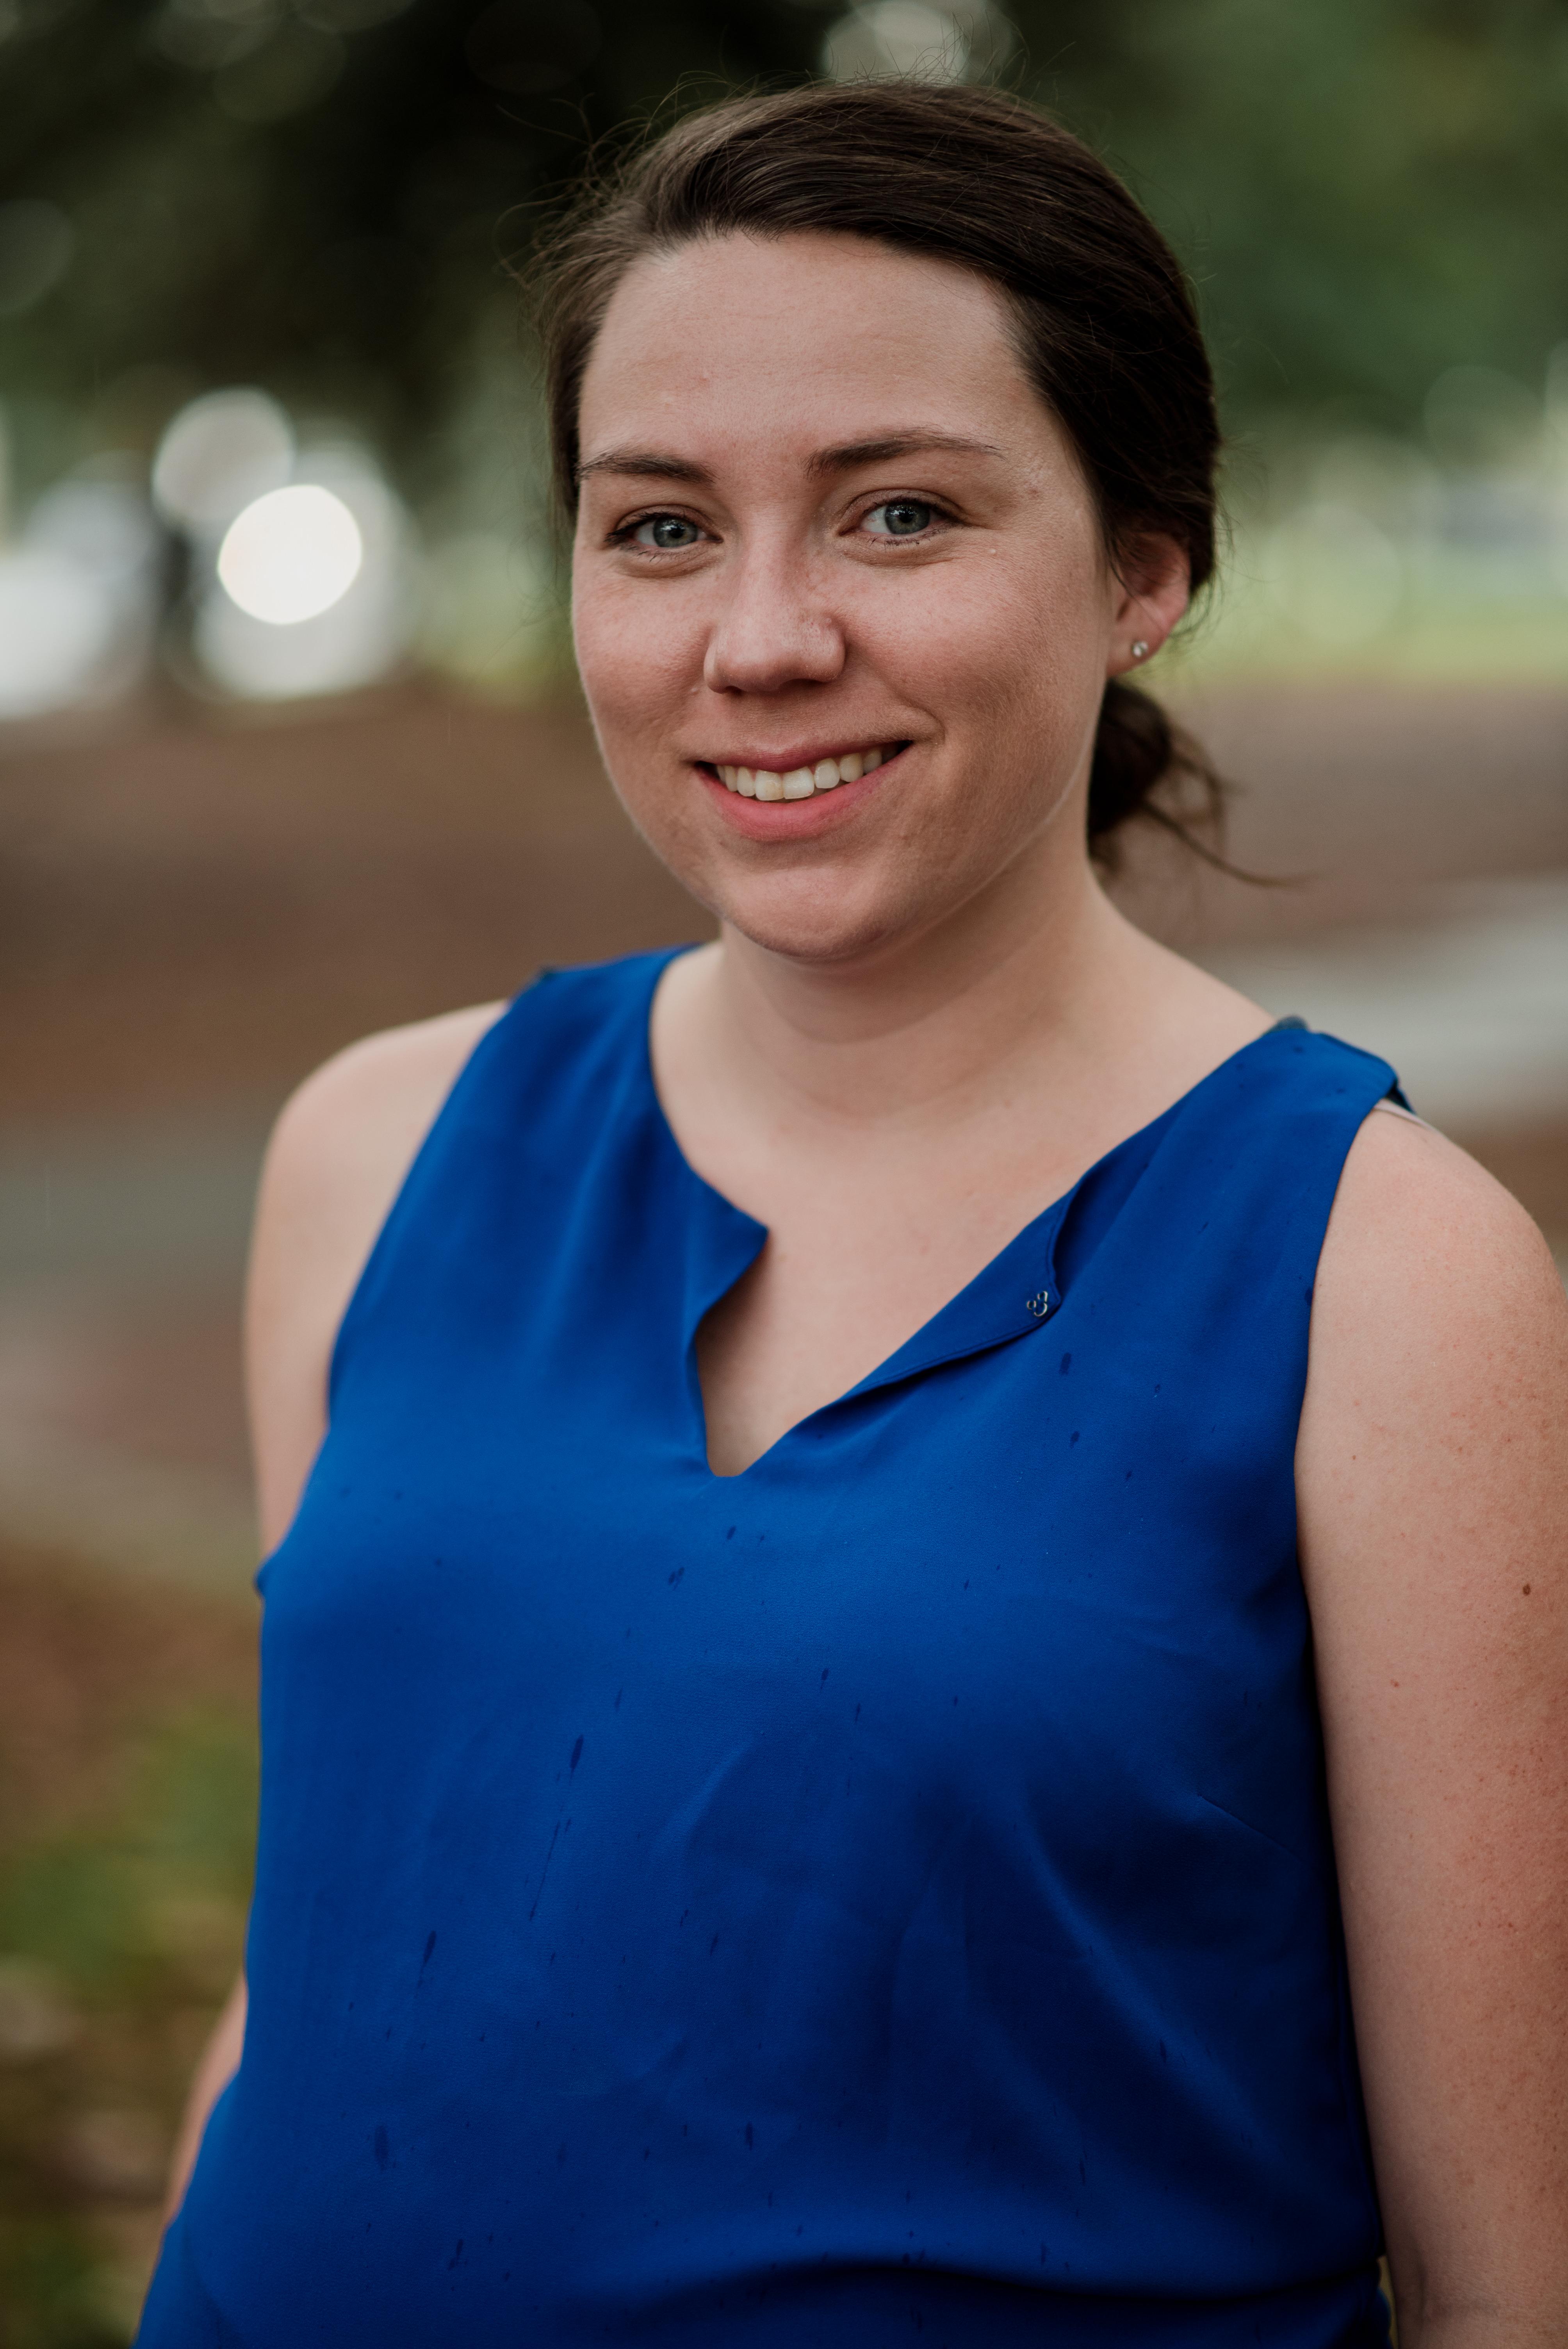 Jessica Irwin